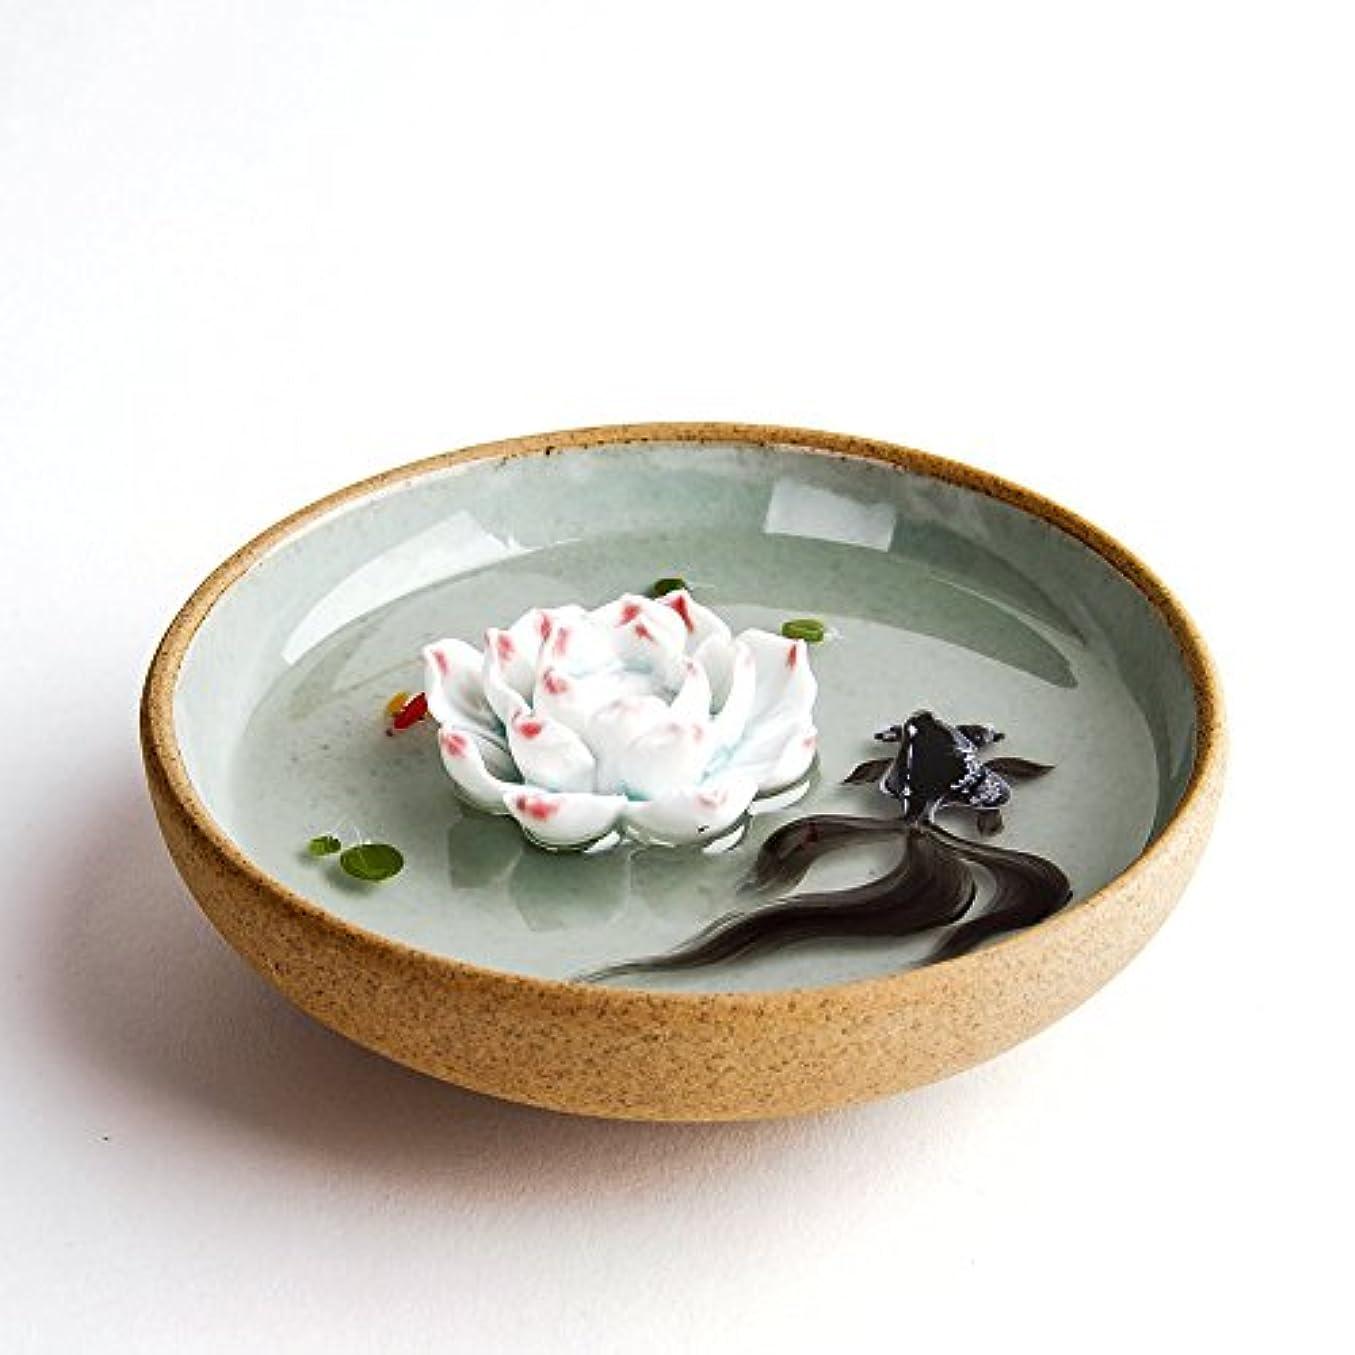 お香立て お香たて 香の器 お香を焚いて 香皿,陶磁器、緑